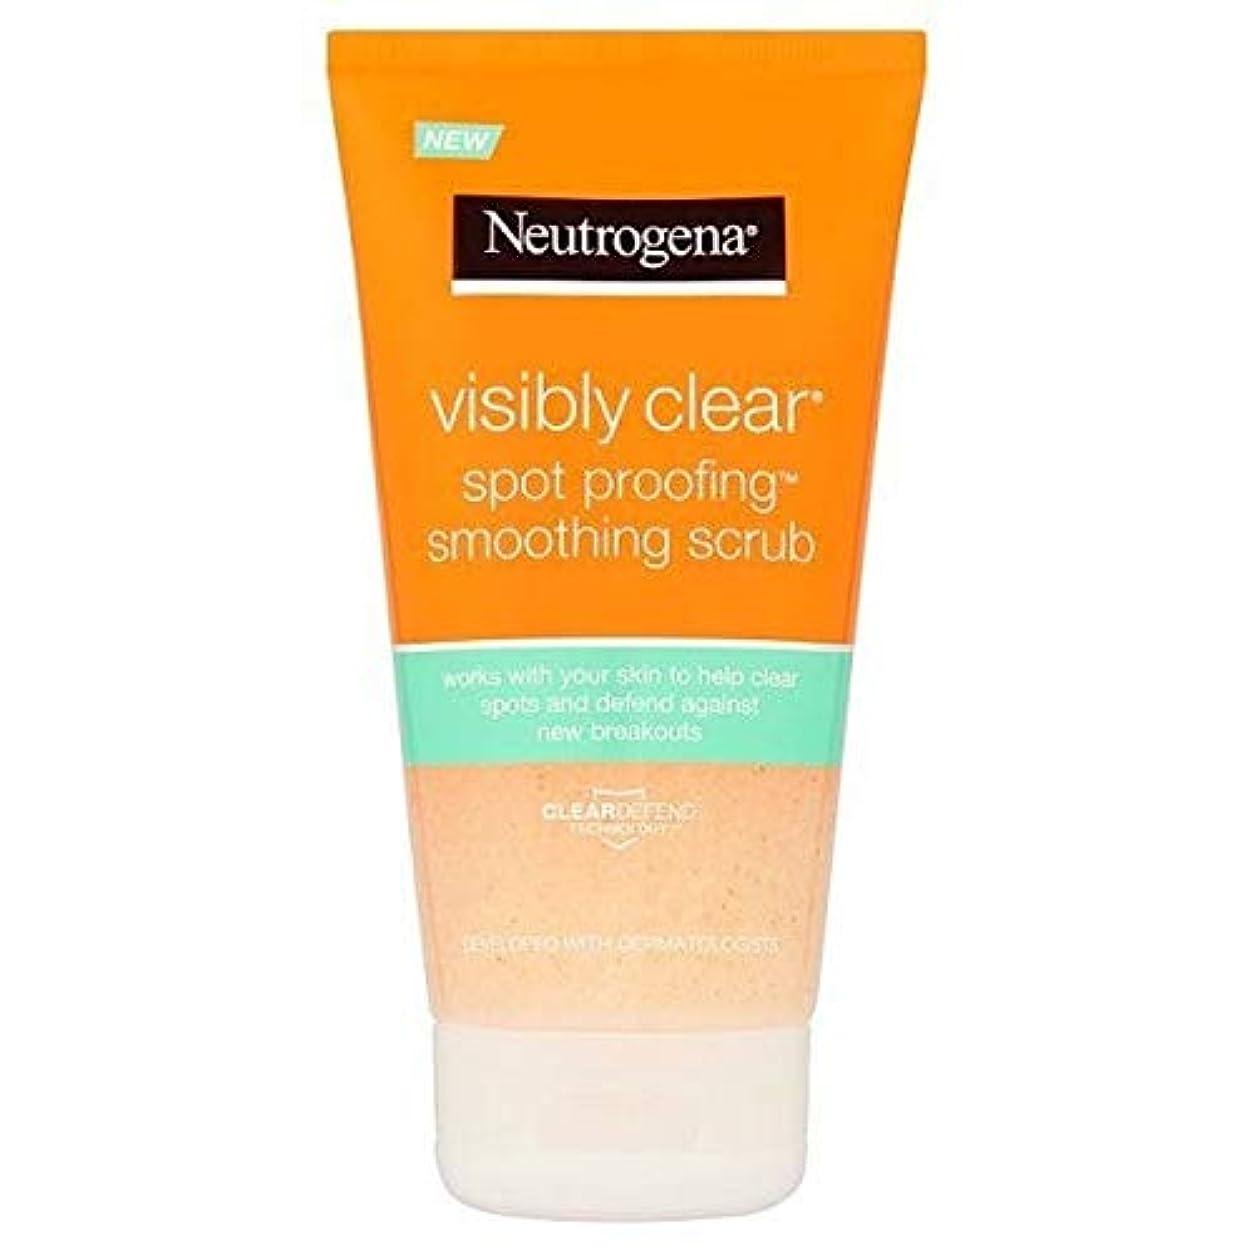 比較侮辱ラッシュ[Neutrogena ] ニュートロジーナ目に見えて明らかスポットプルーフスムージングスクラブ150ミリリットル - Neutrogena Visibly Clear Spot Proofing Smoothing Scrub...